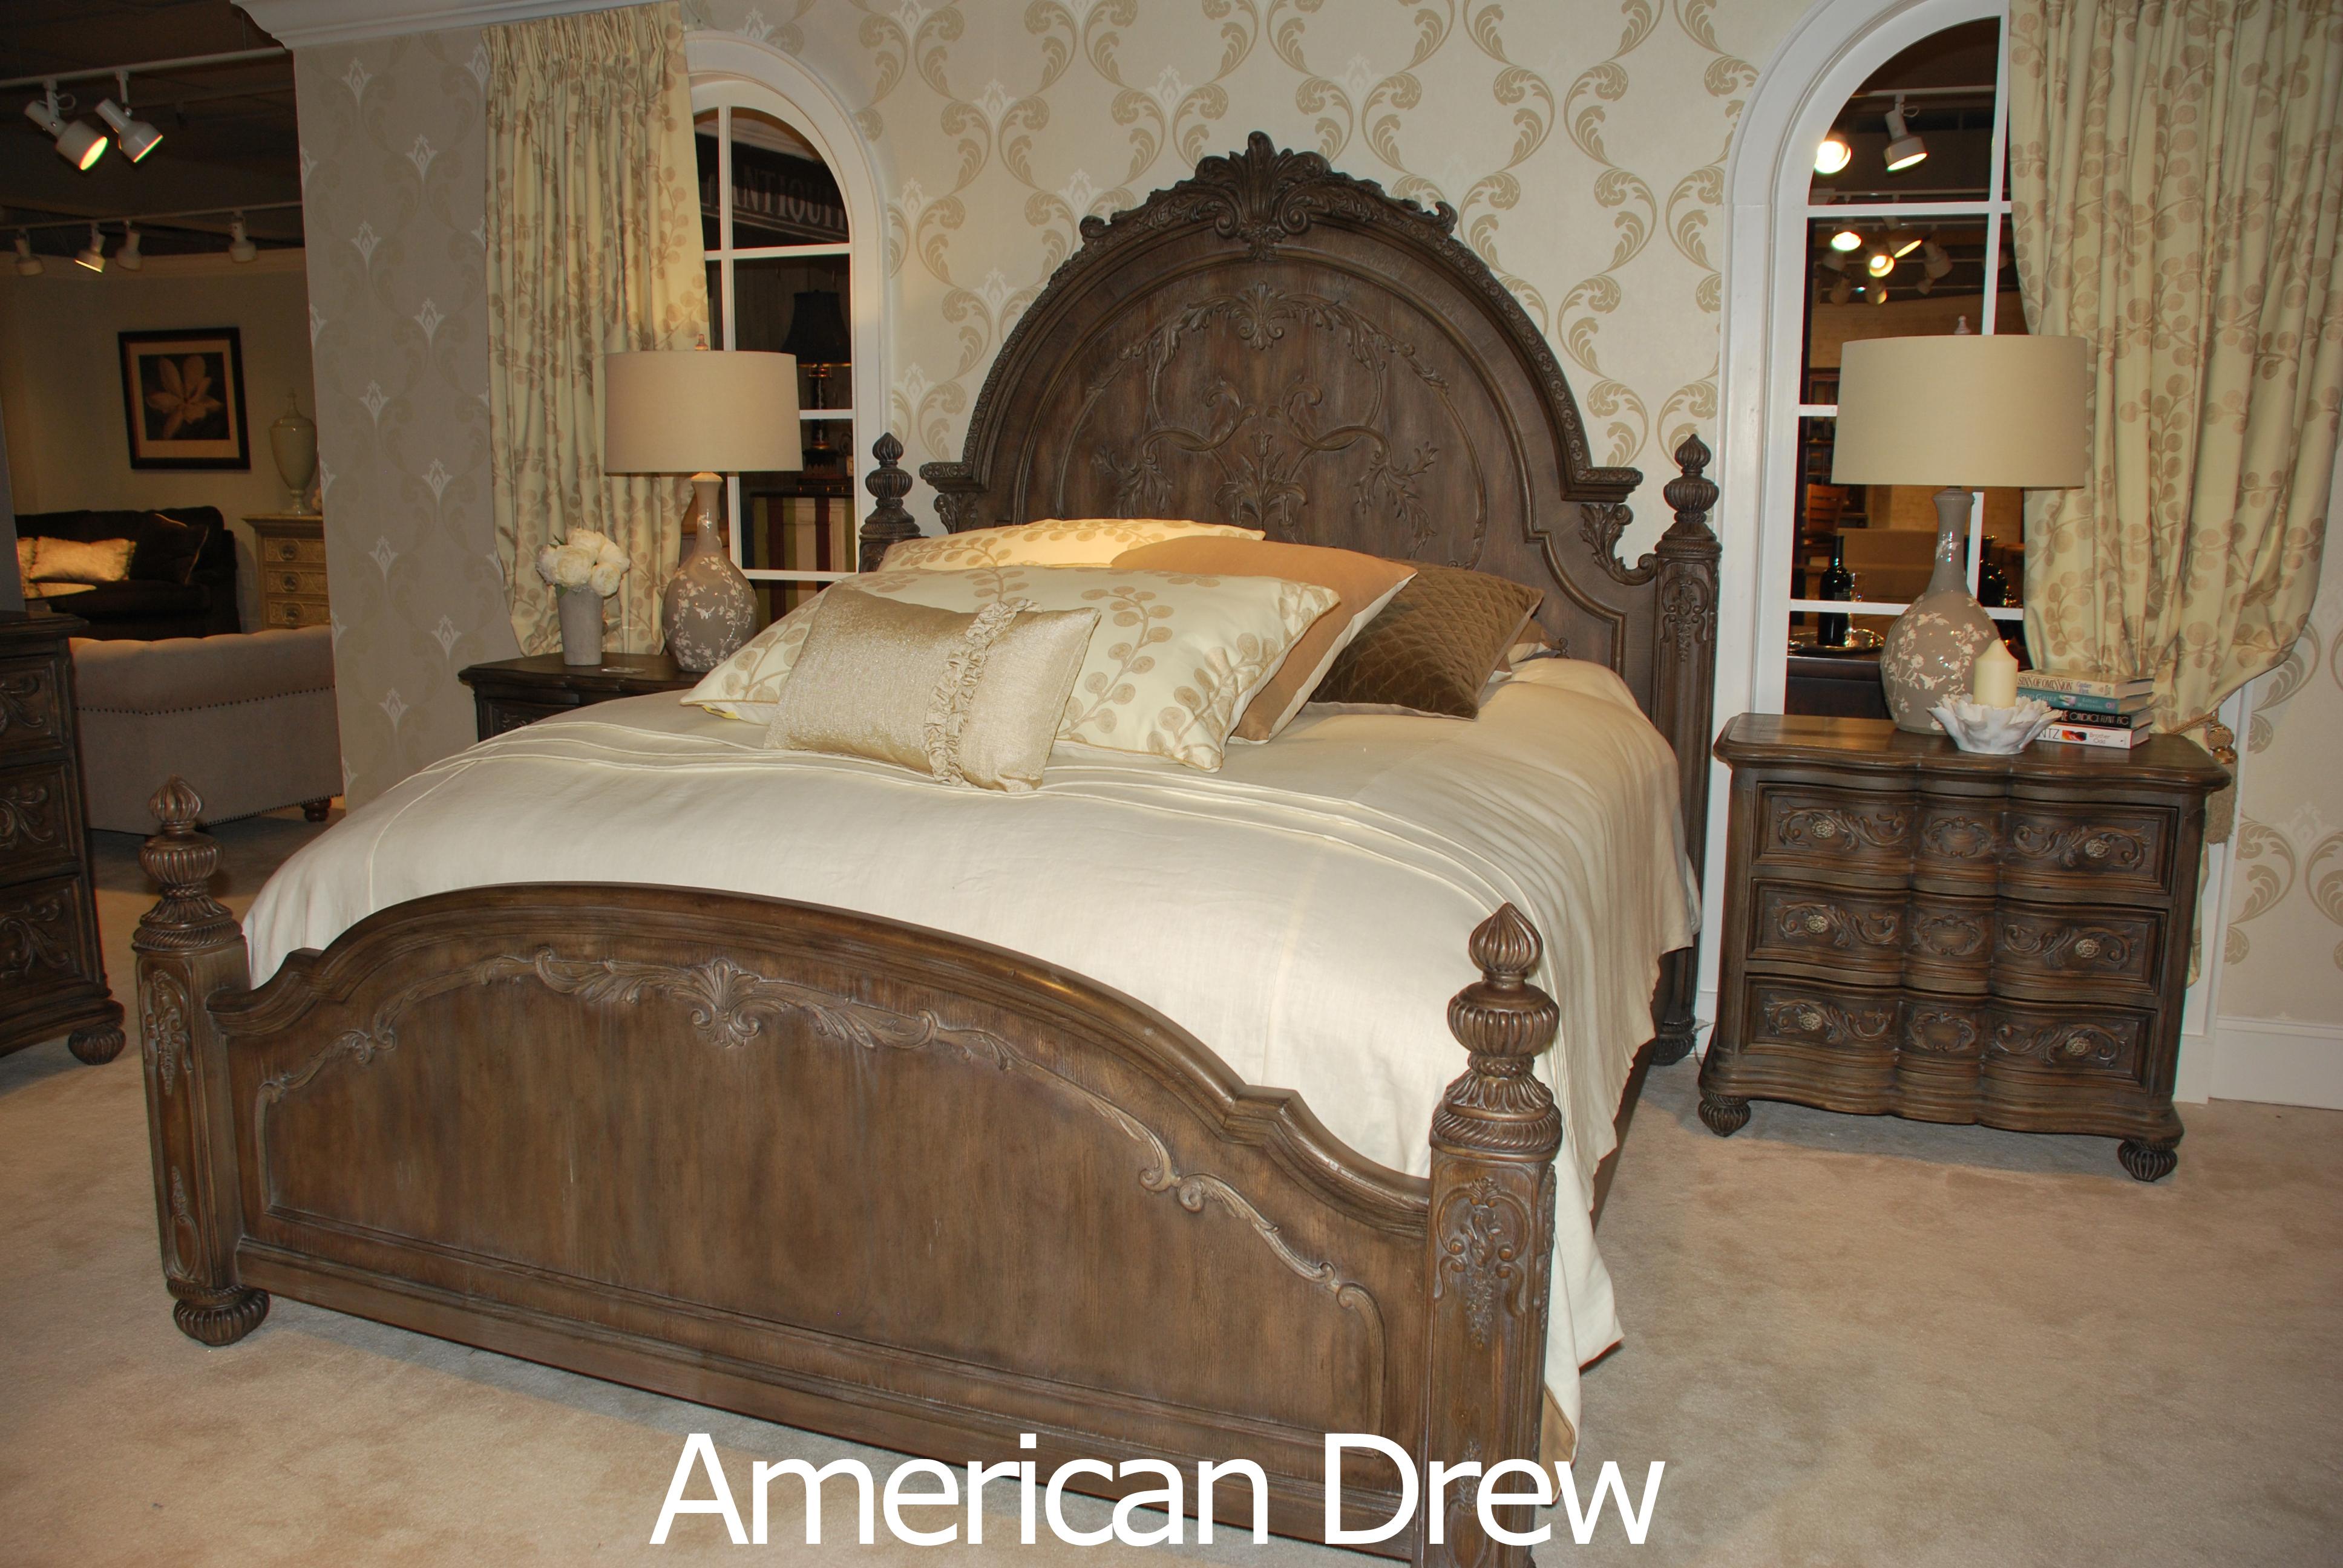 fancy inlays u0026 veneers - Jessica Mcclintock Bedroom Furniture